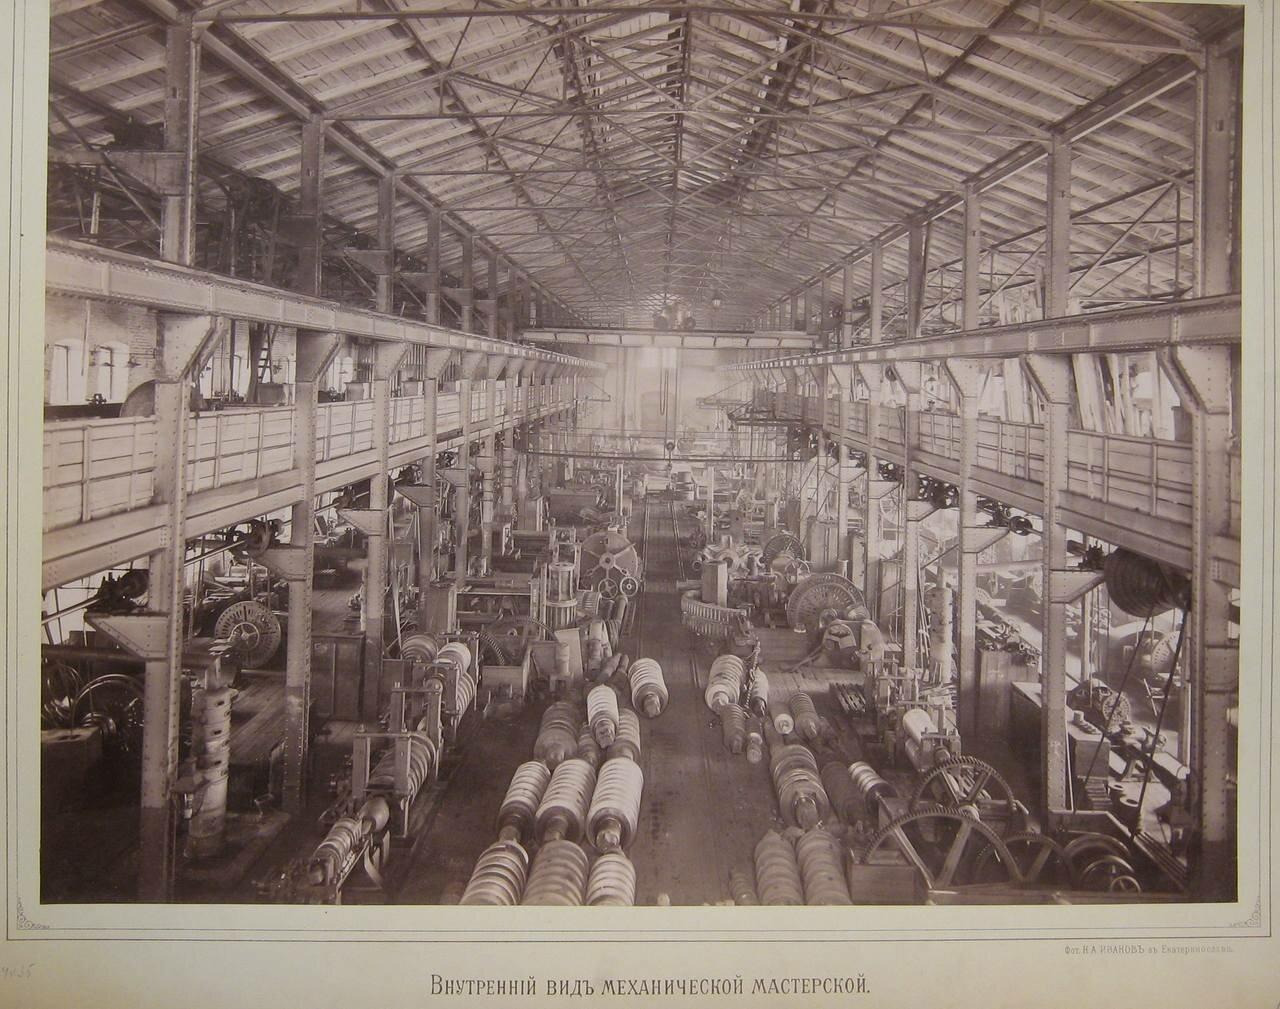 Внутренний вид механической мастерской